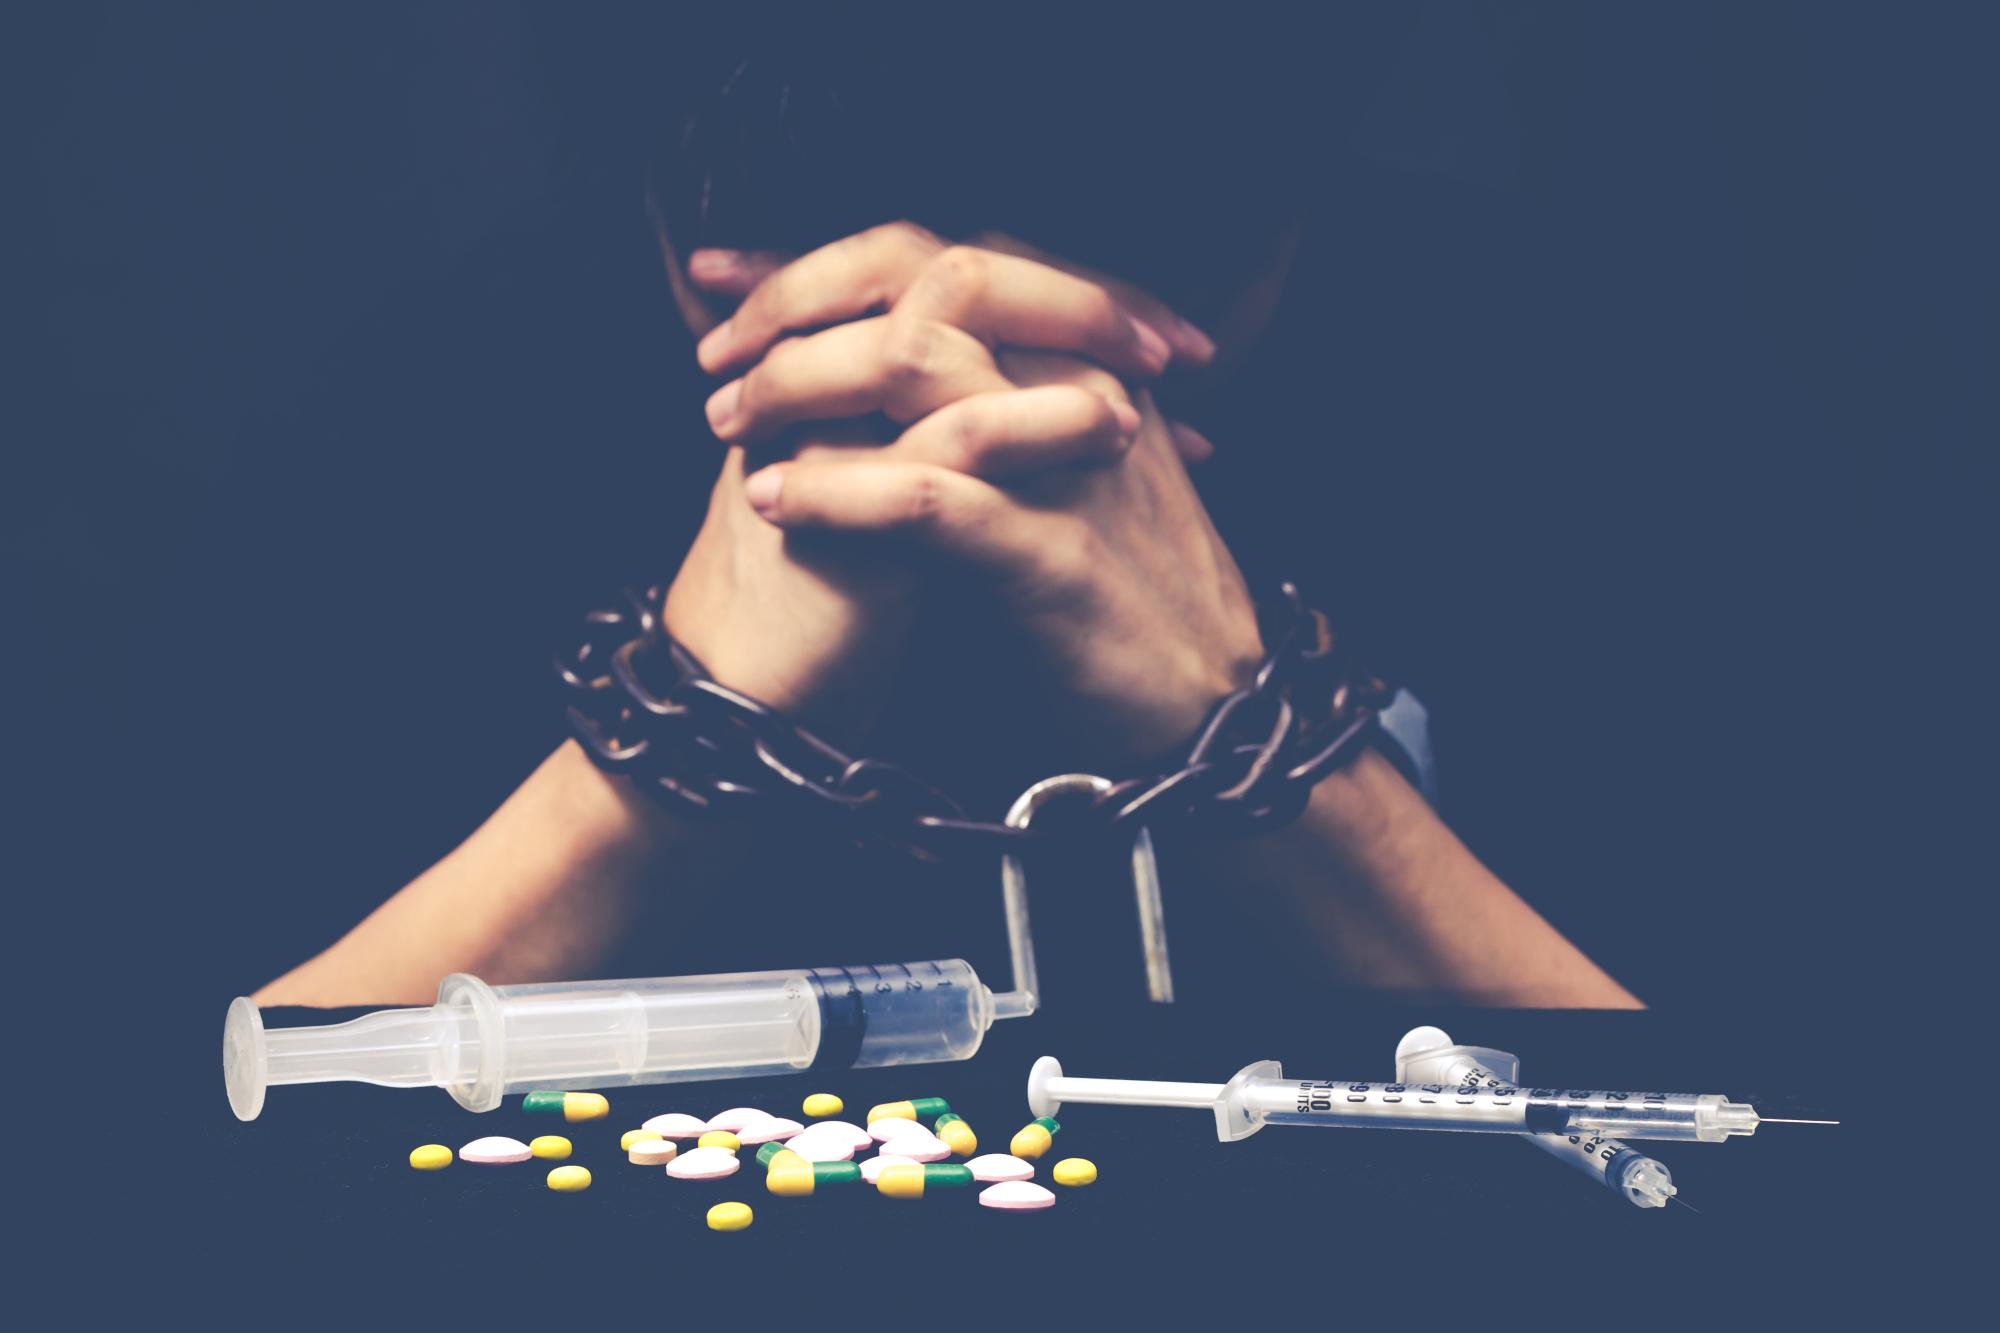 Картинки с наркотическими